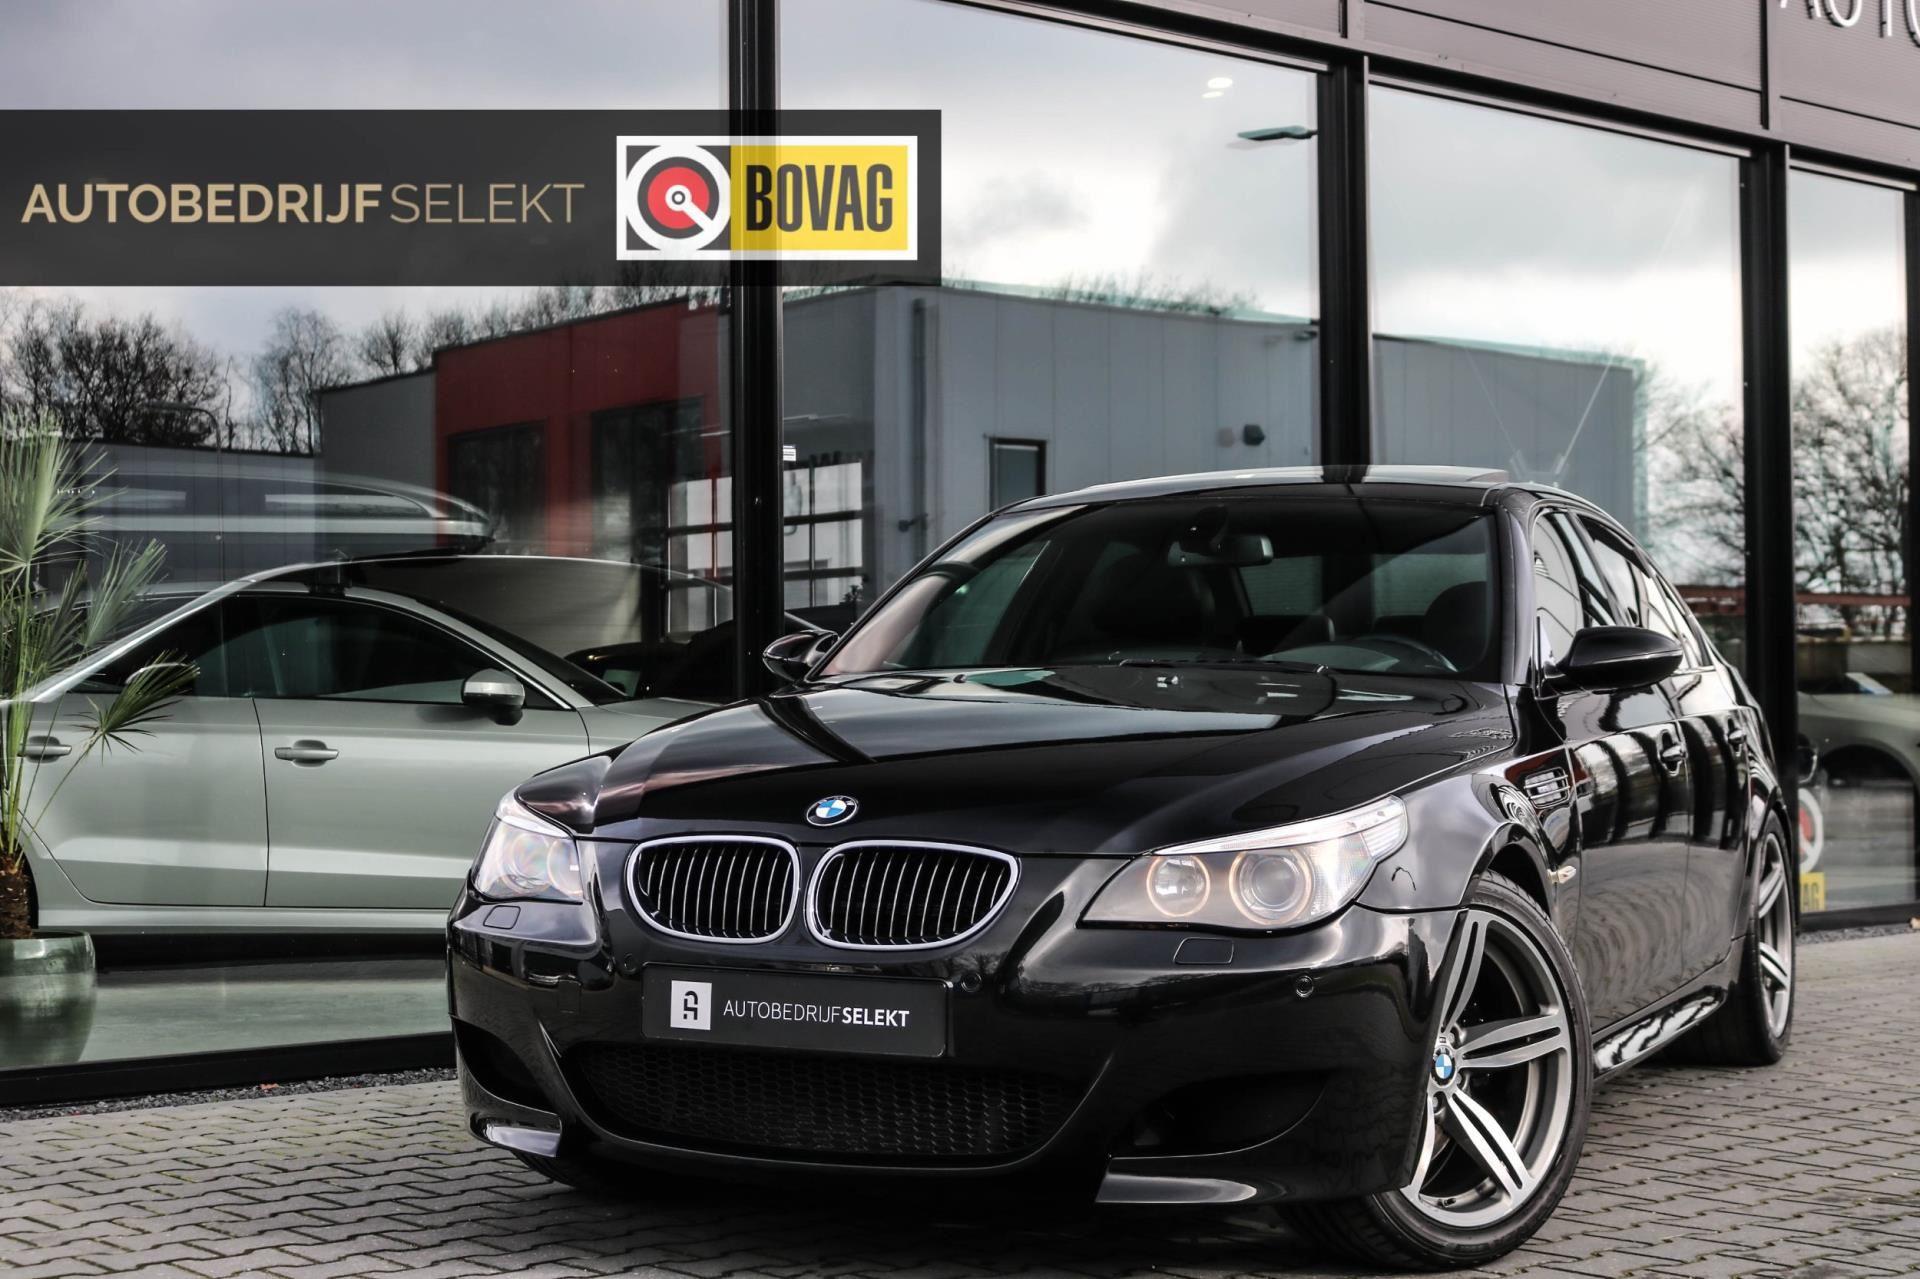 BMW 5-serie occasion - Autobedrijf Selekt B.V.